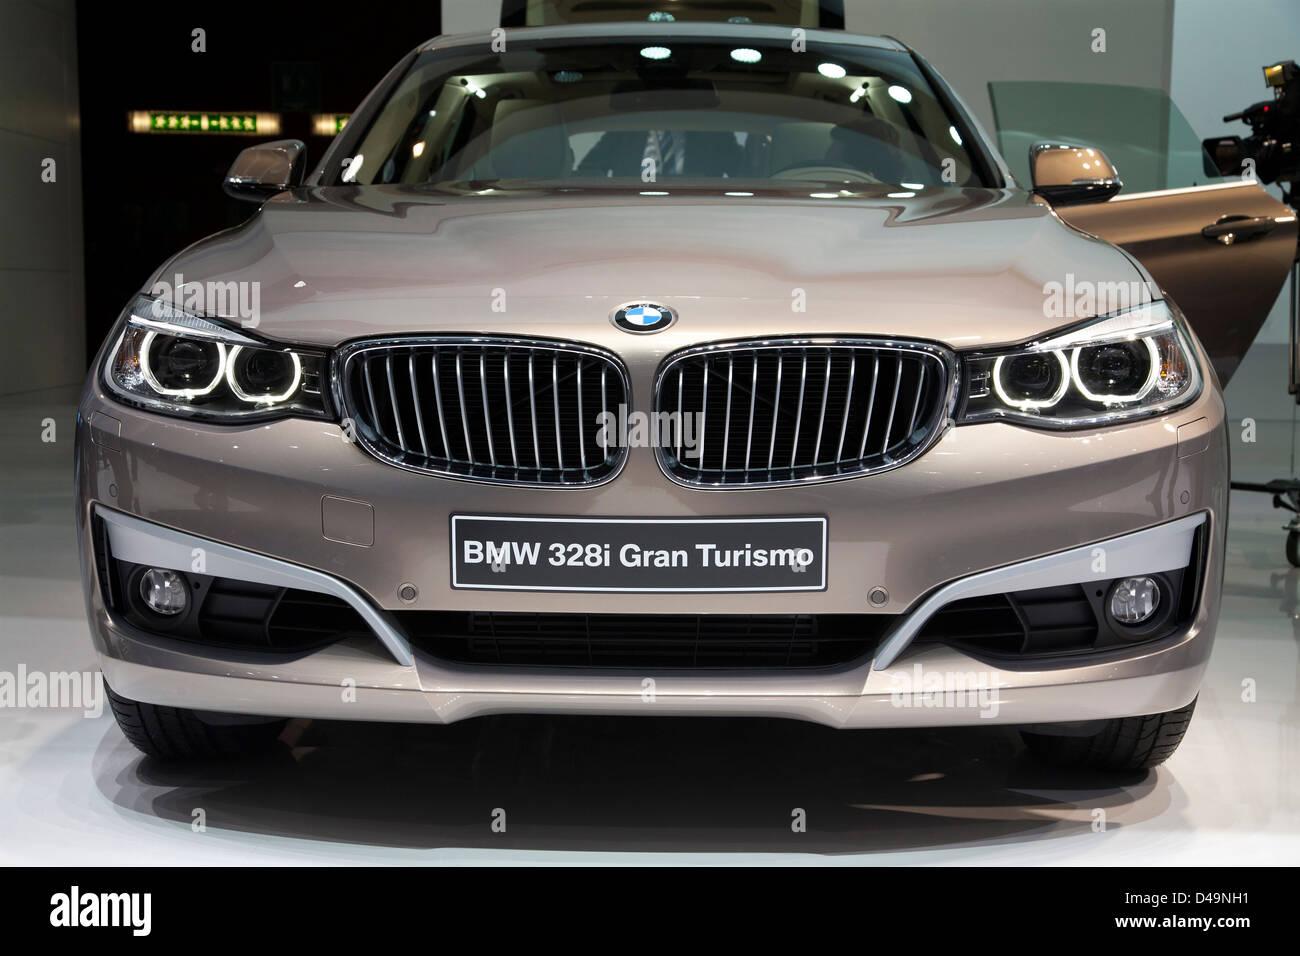 BMW 328i Gran Turismo. Ginevra Motor Sow 2013 Immagini Stock